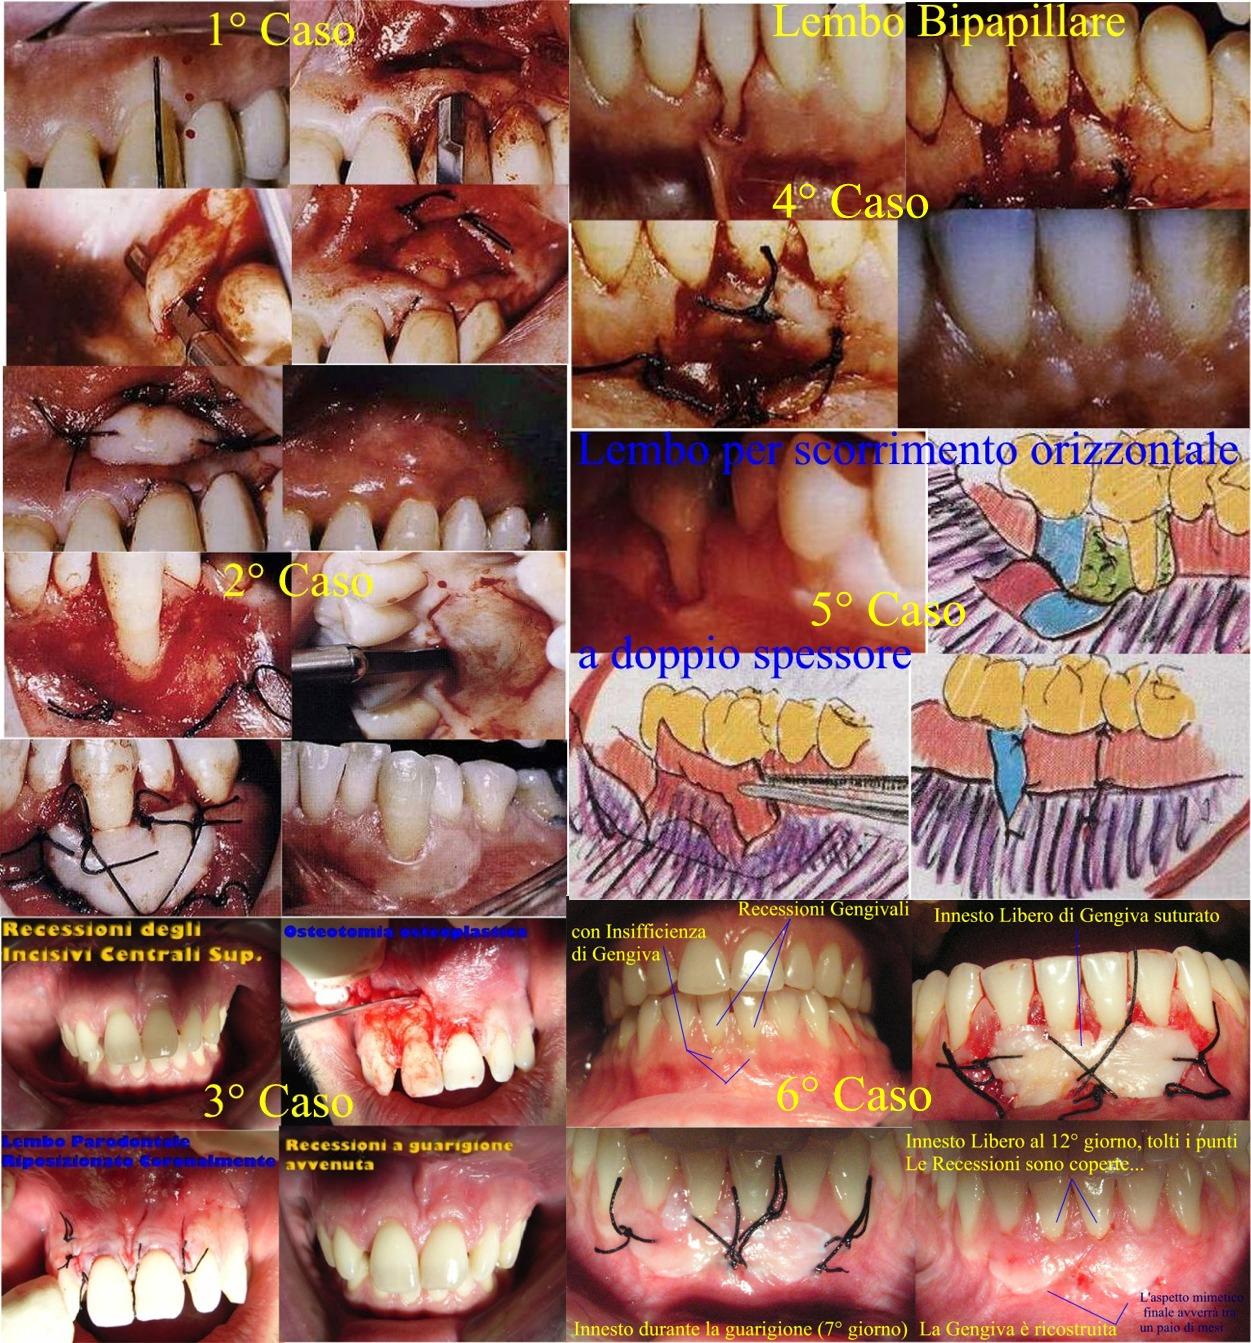 Chirurgia estetica Parodontale. Da casistica del Dr. Gustavo Petti di Cagliari